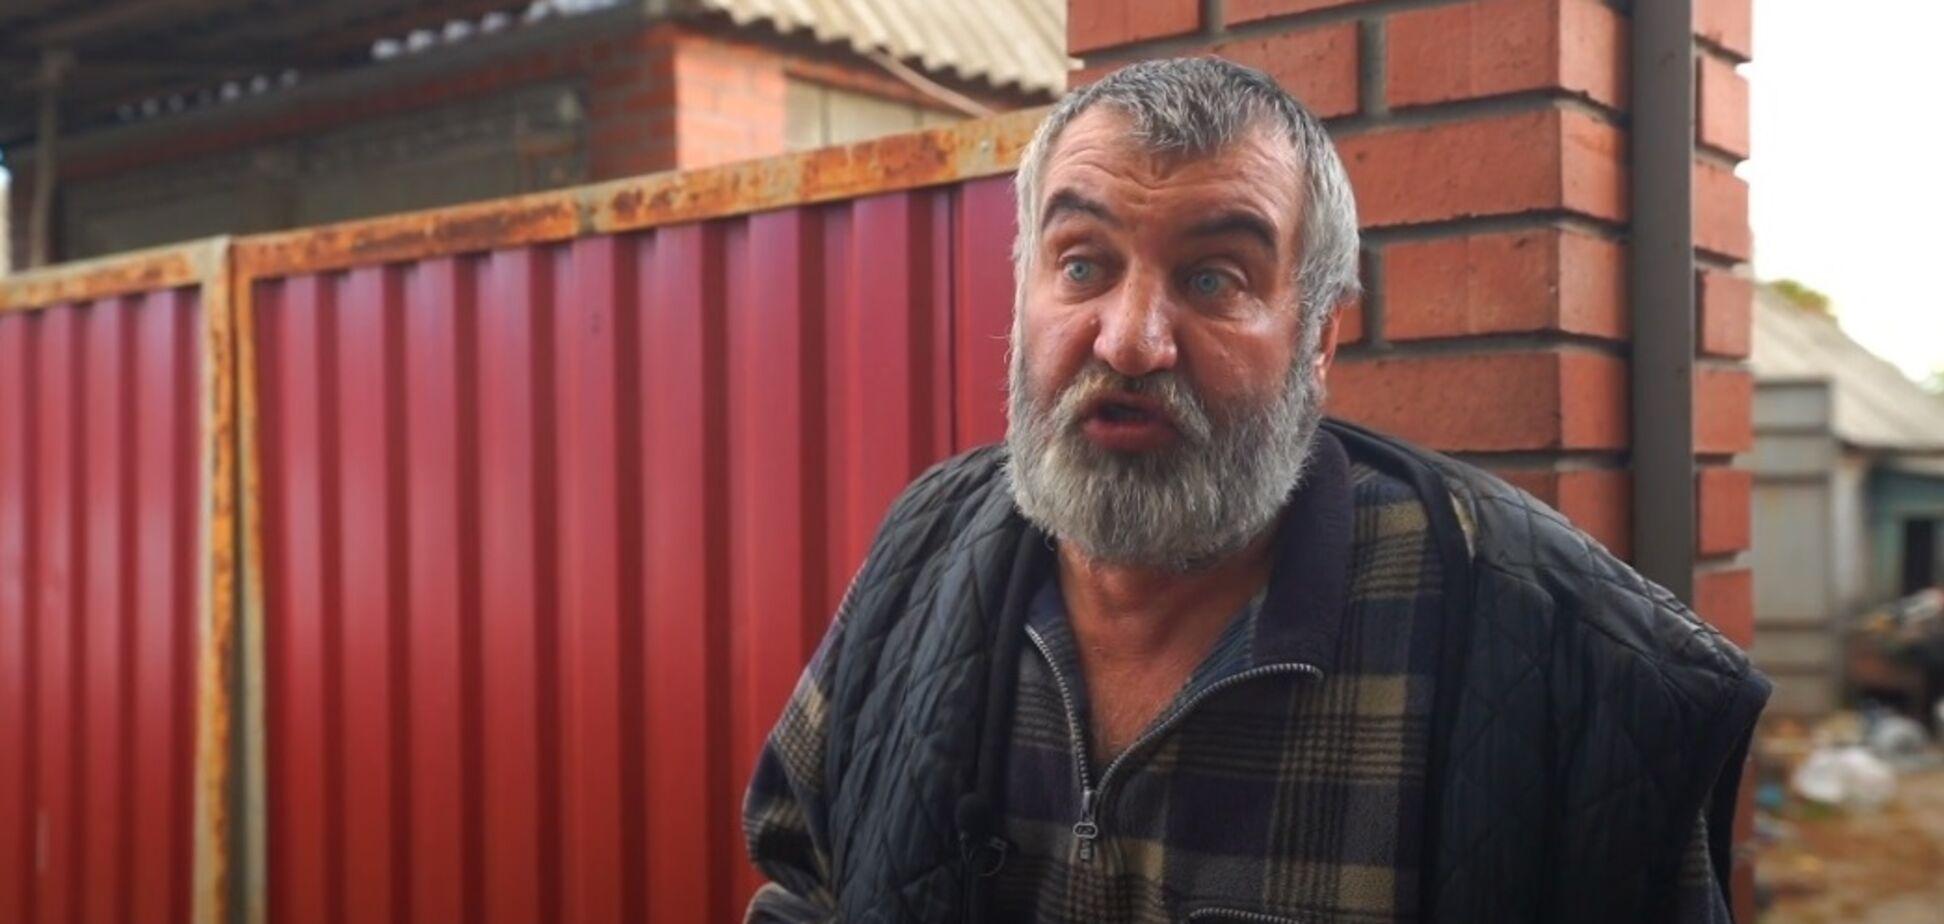 'Нападник' на Придворова розповів свою версію конфлікту